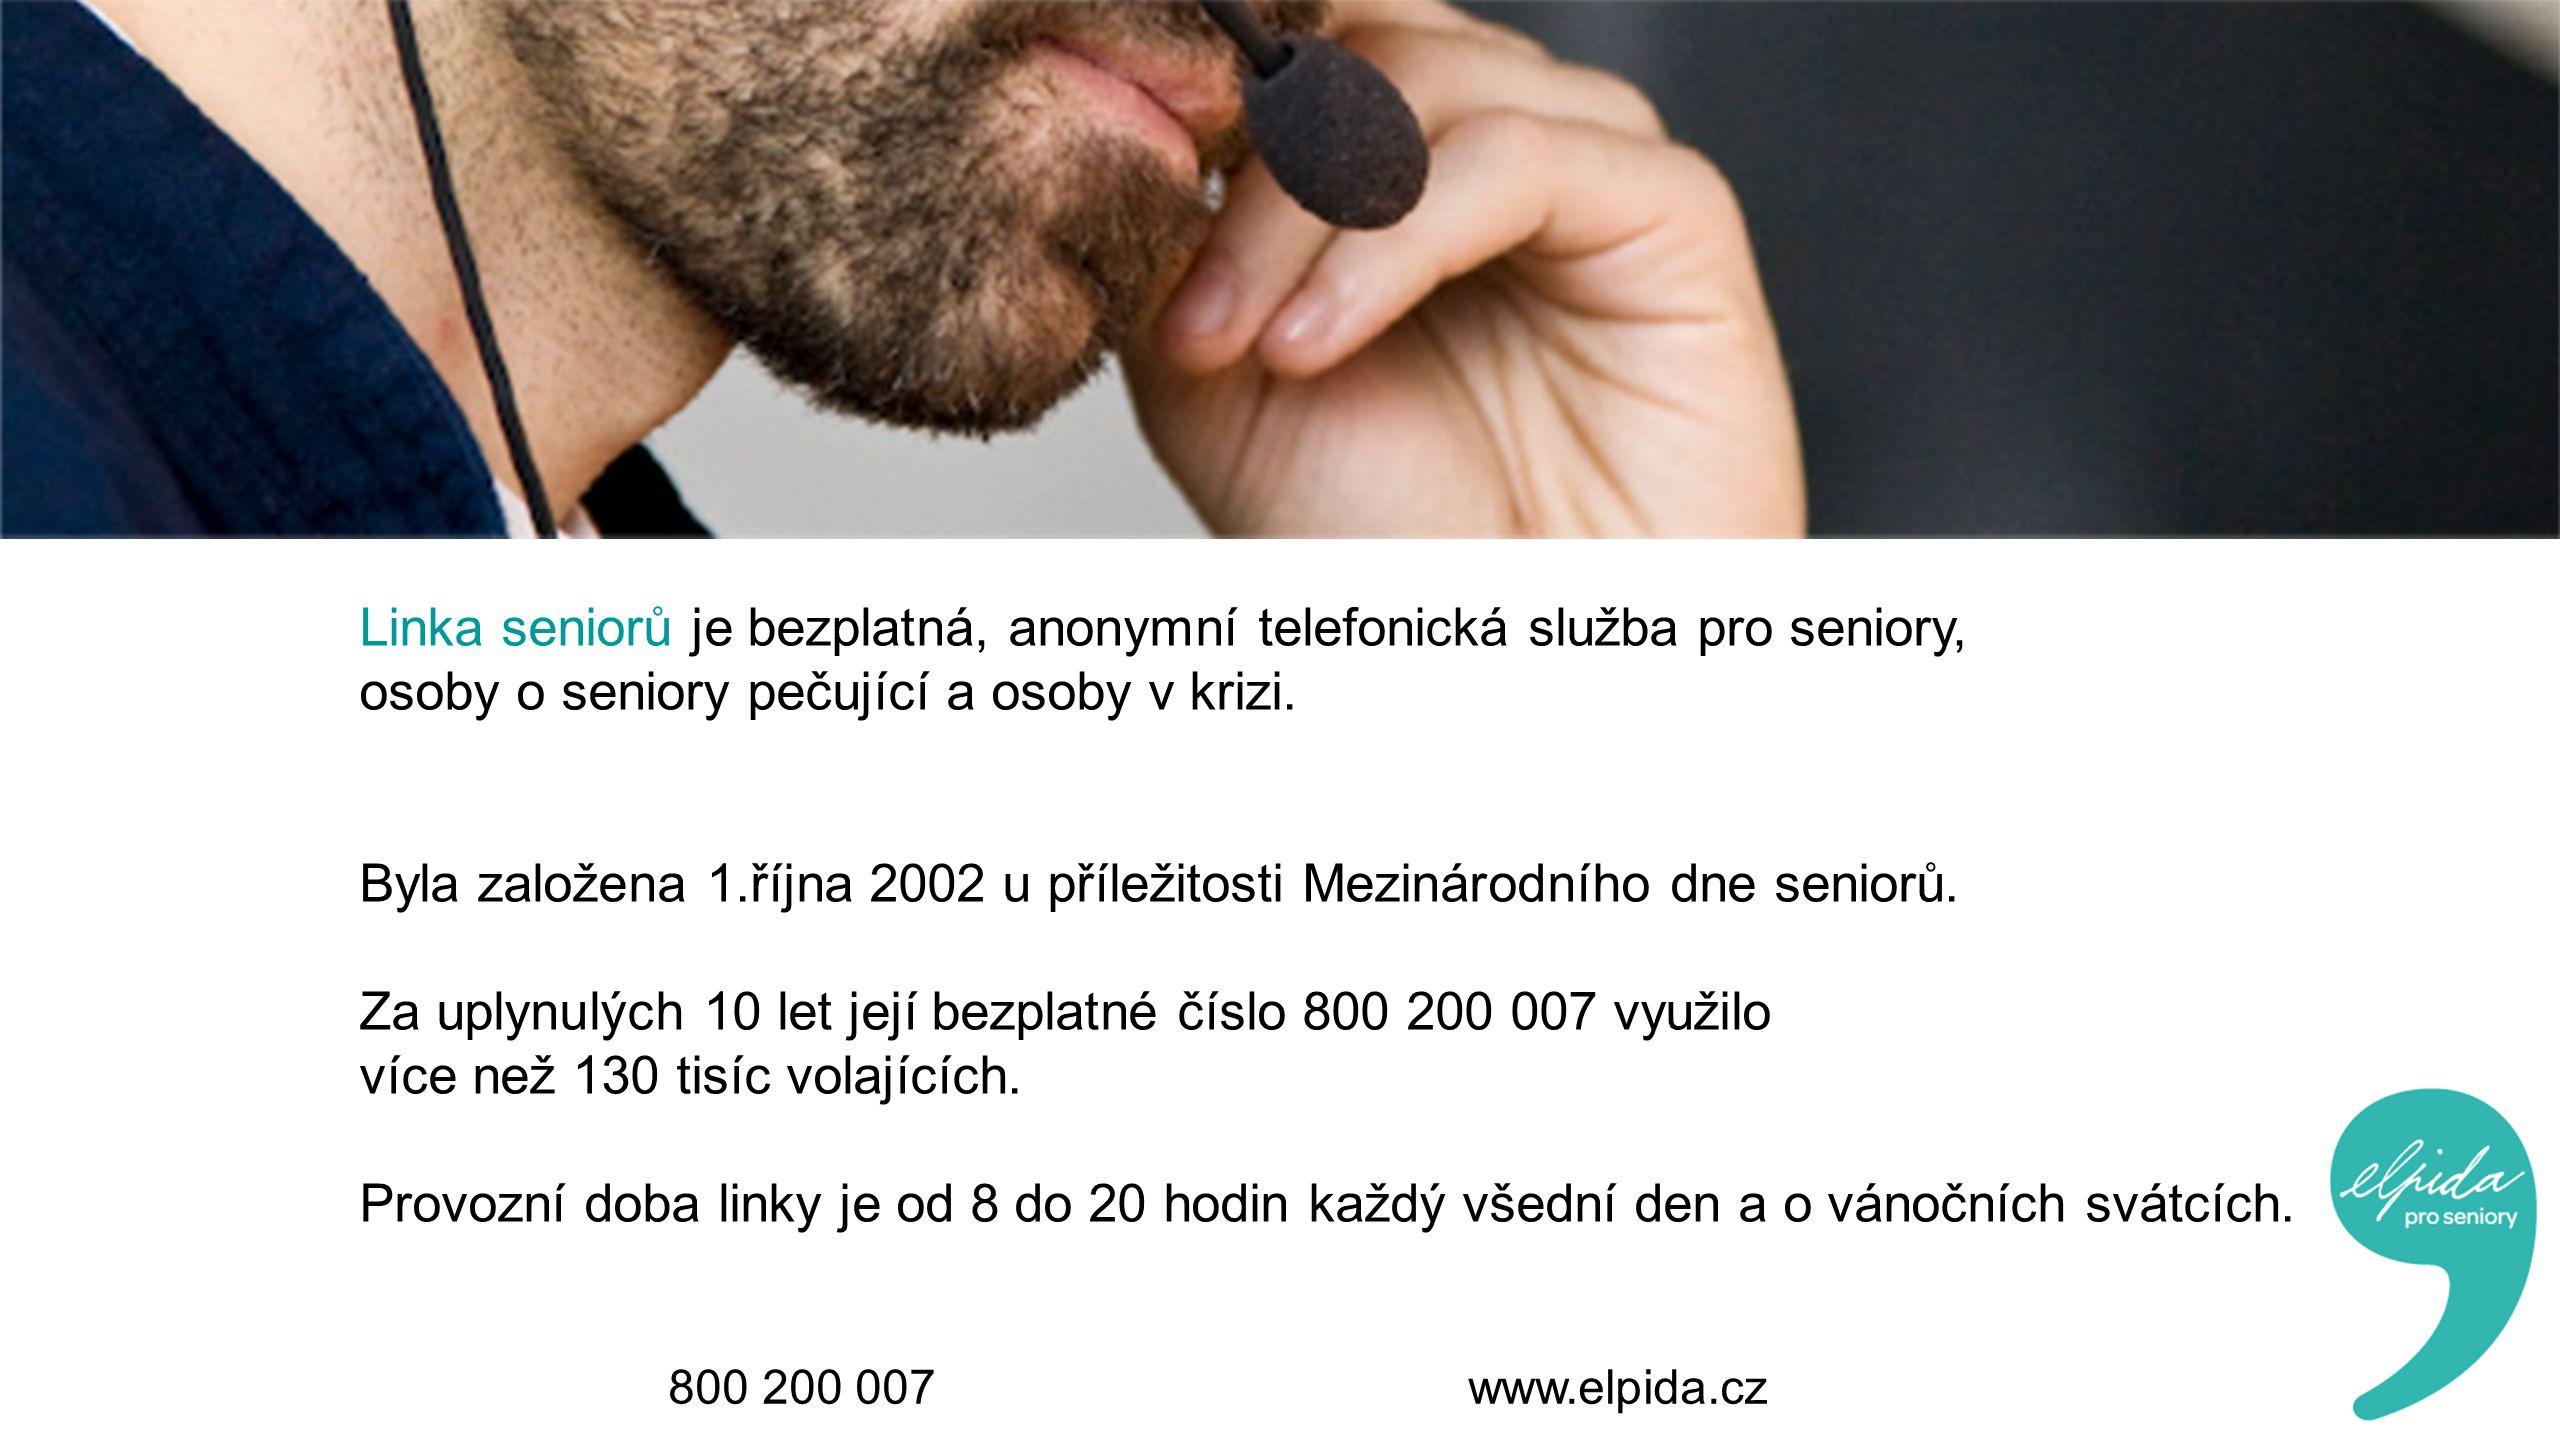 Linka seniorů je bezplatná, anonymní telefonická služba pro seniory,